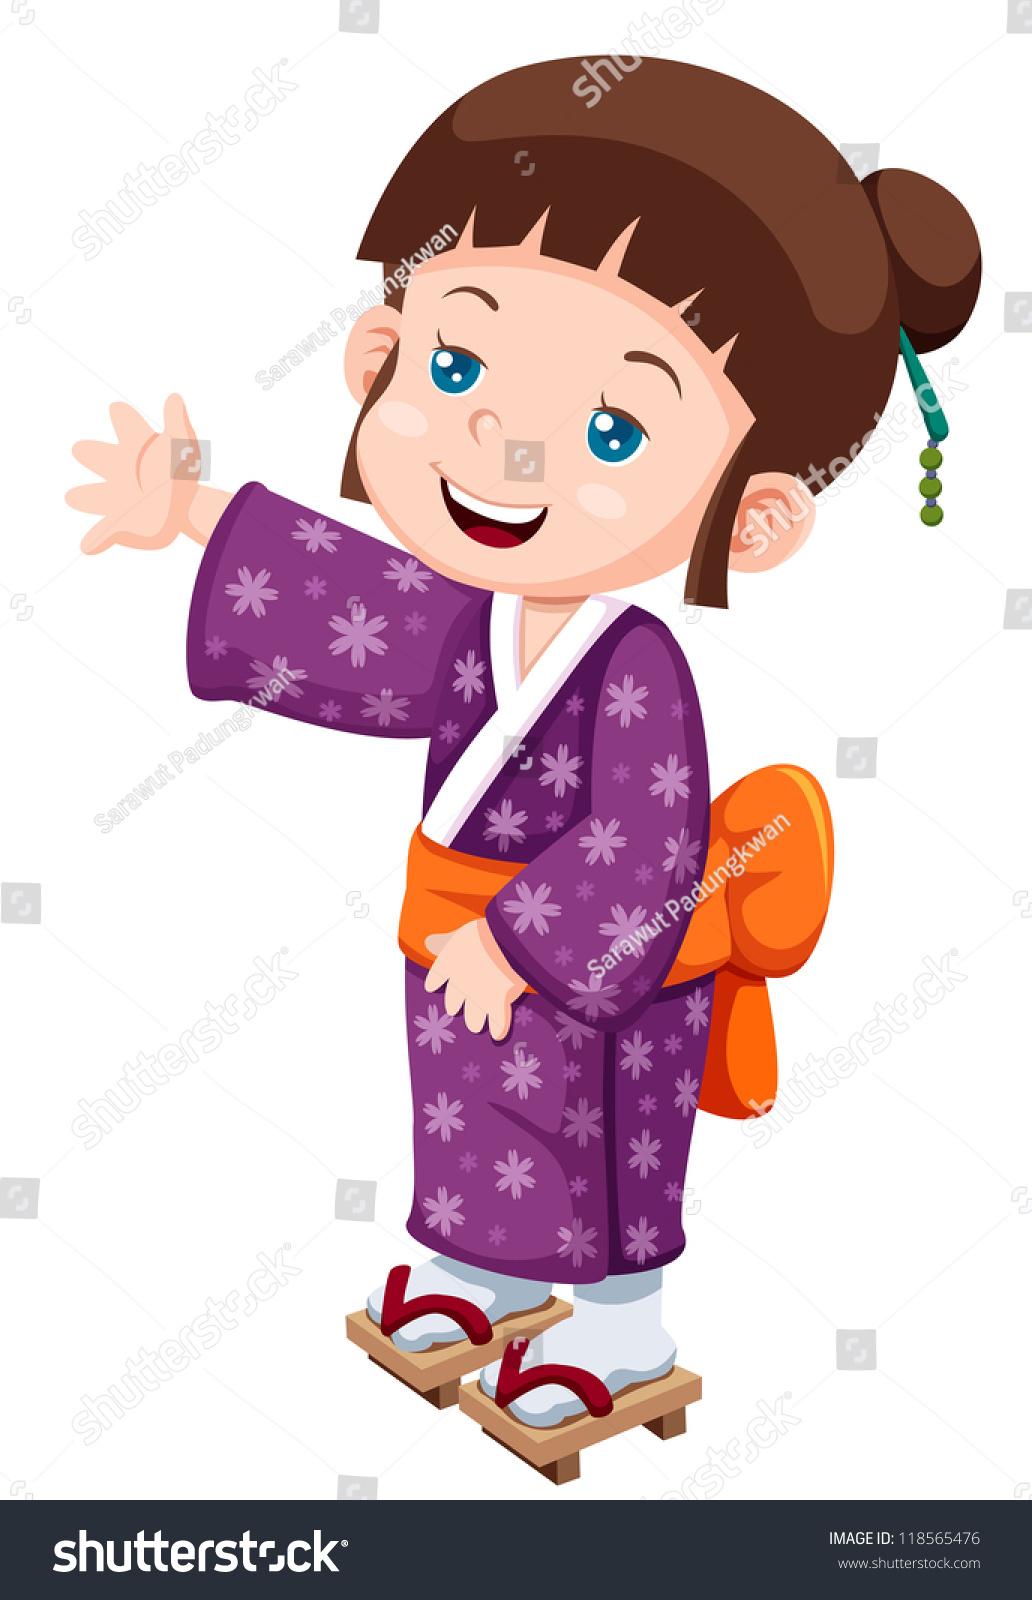 Illustration Of Cute Little Japanese Girl.Vector ...